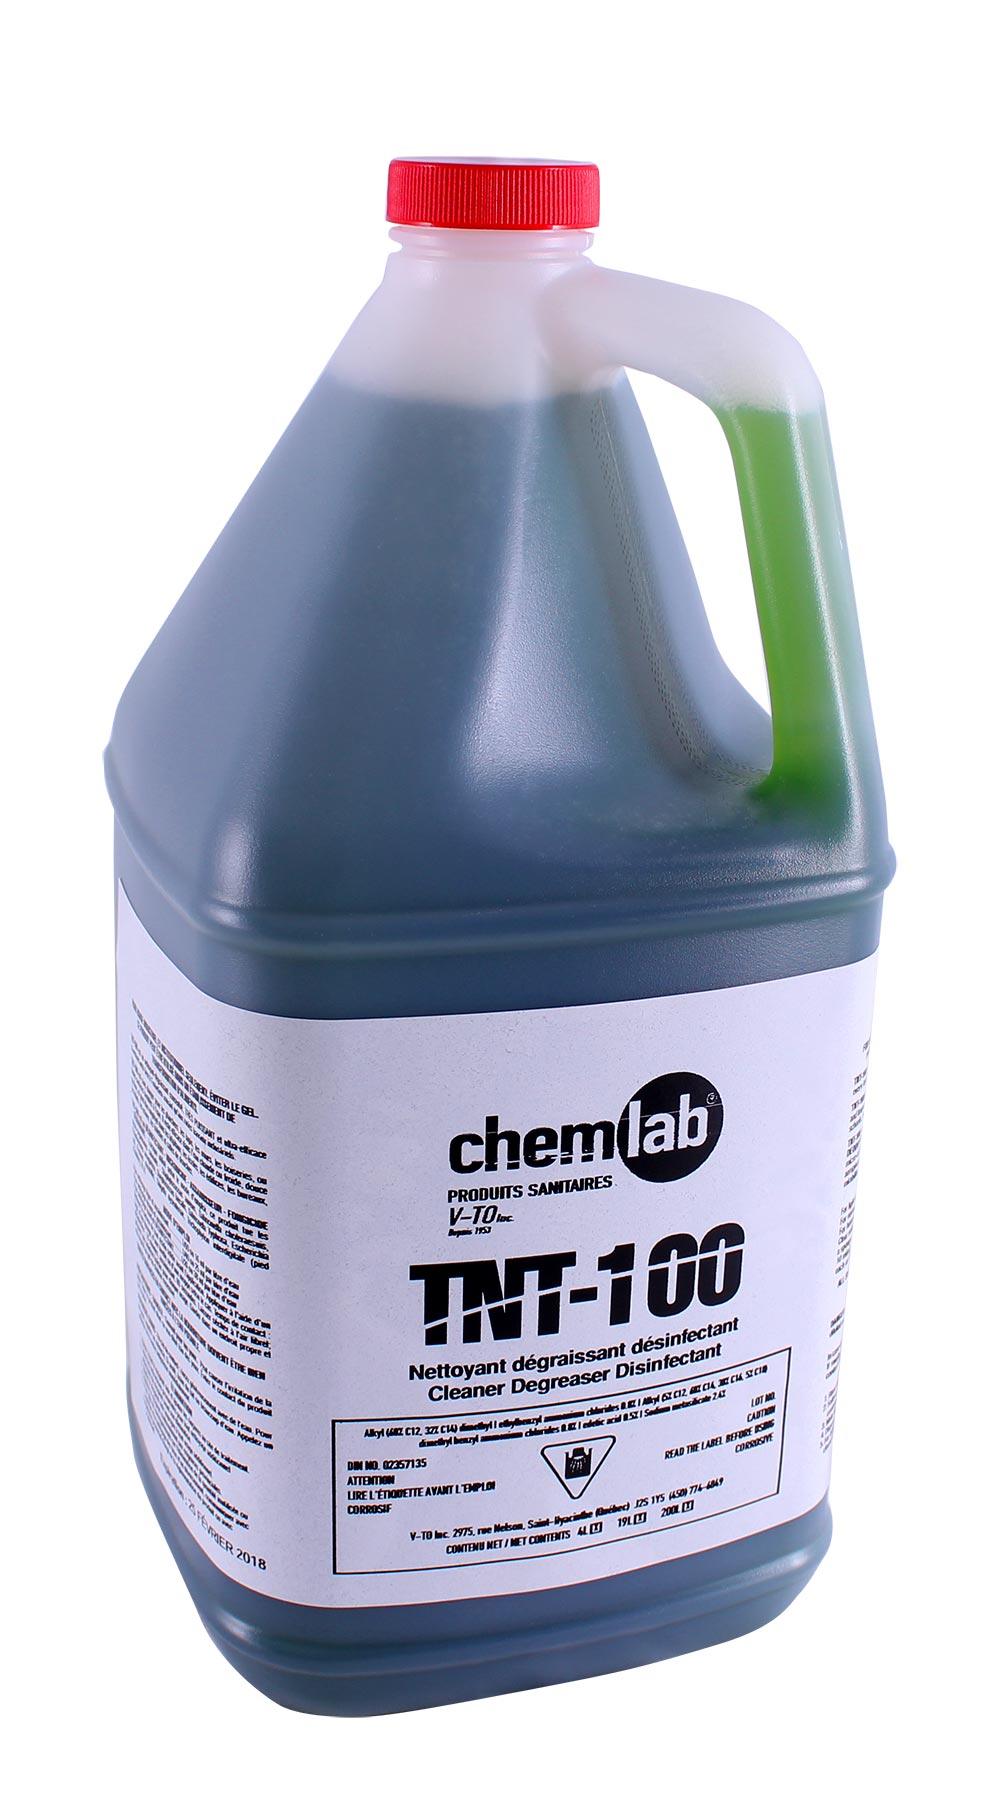 TNT-100 – Désinfectant, microbicide, assainisseur, fongicide et désodorisant